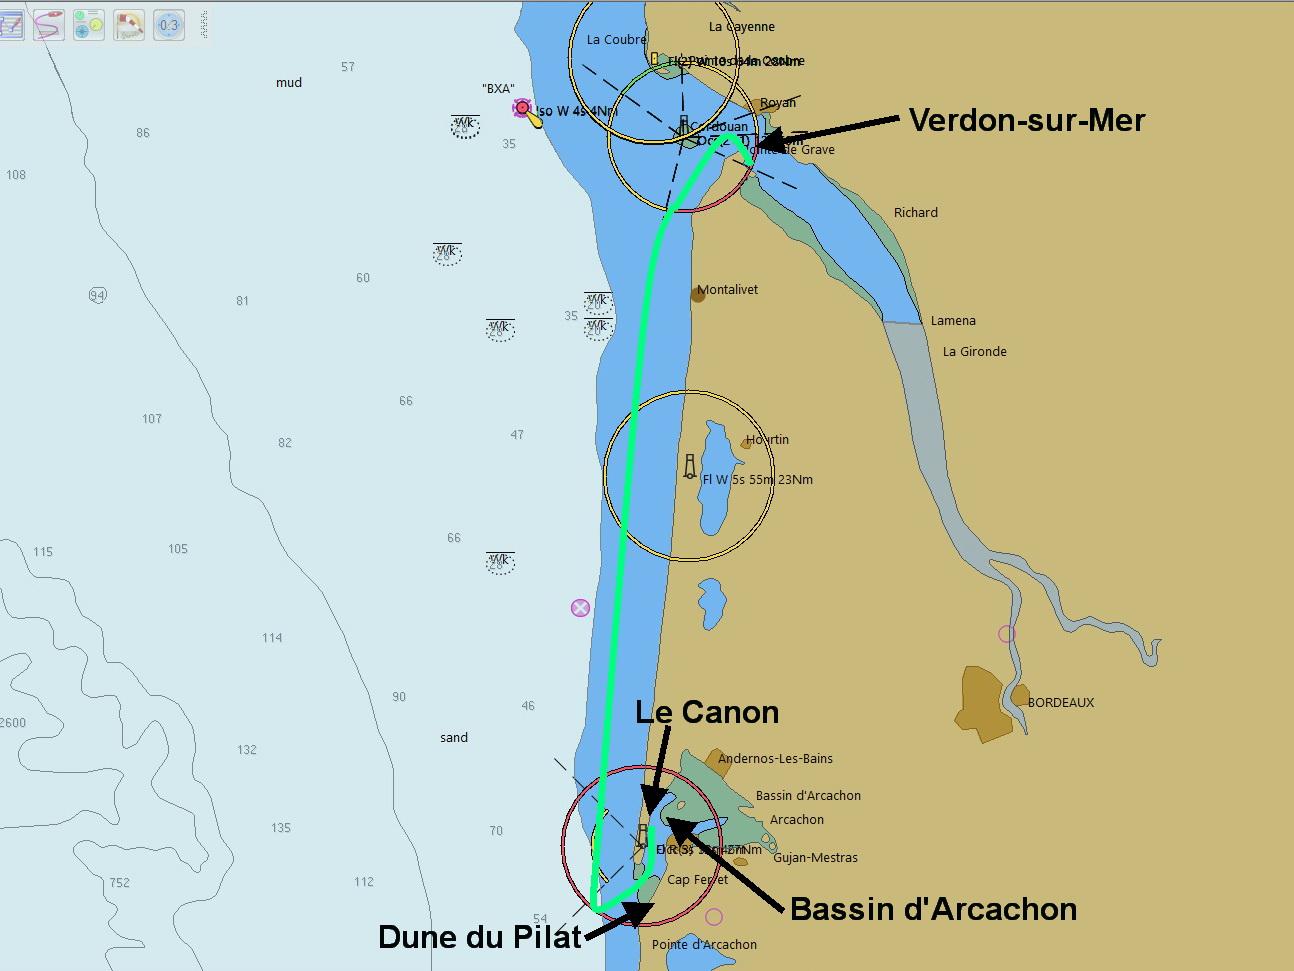 Van VerdonSurMer naar BassinD'Arcachon